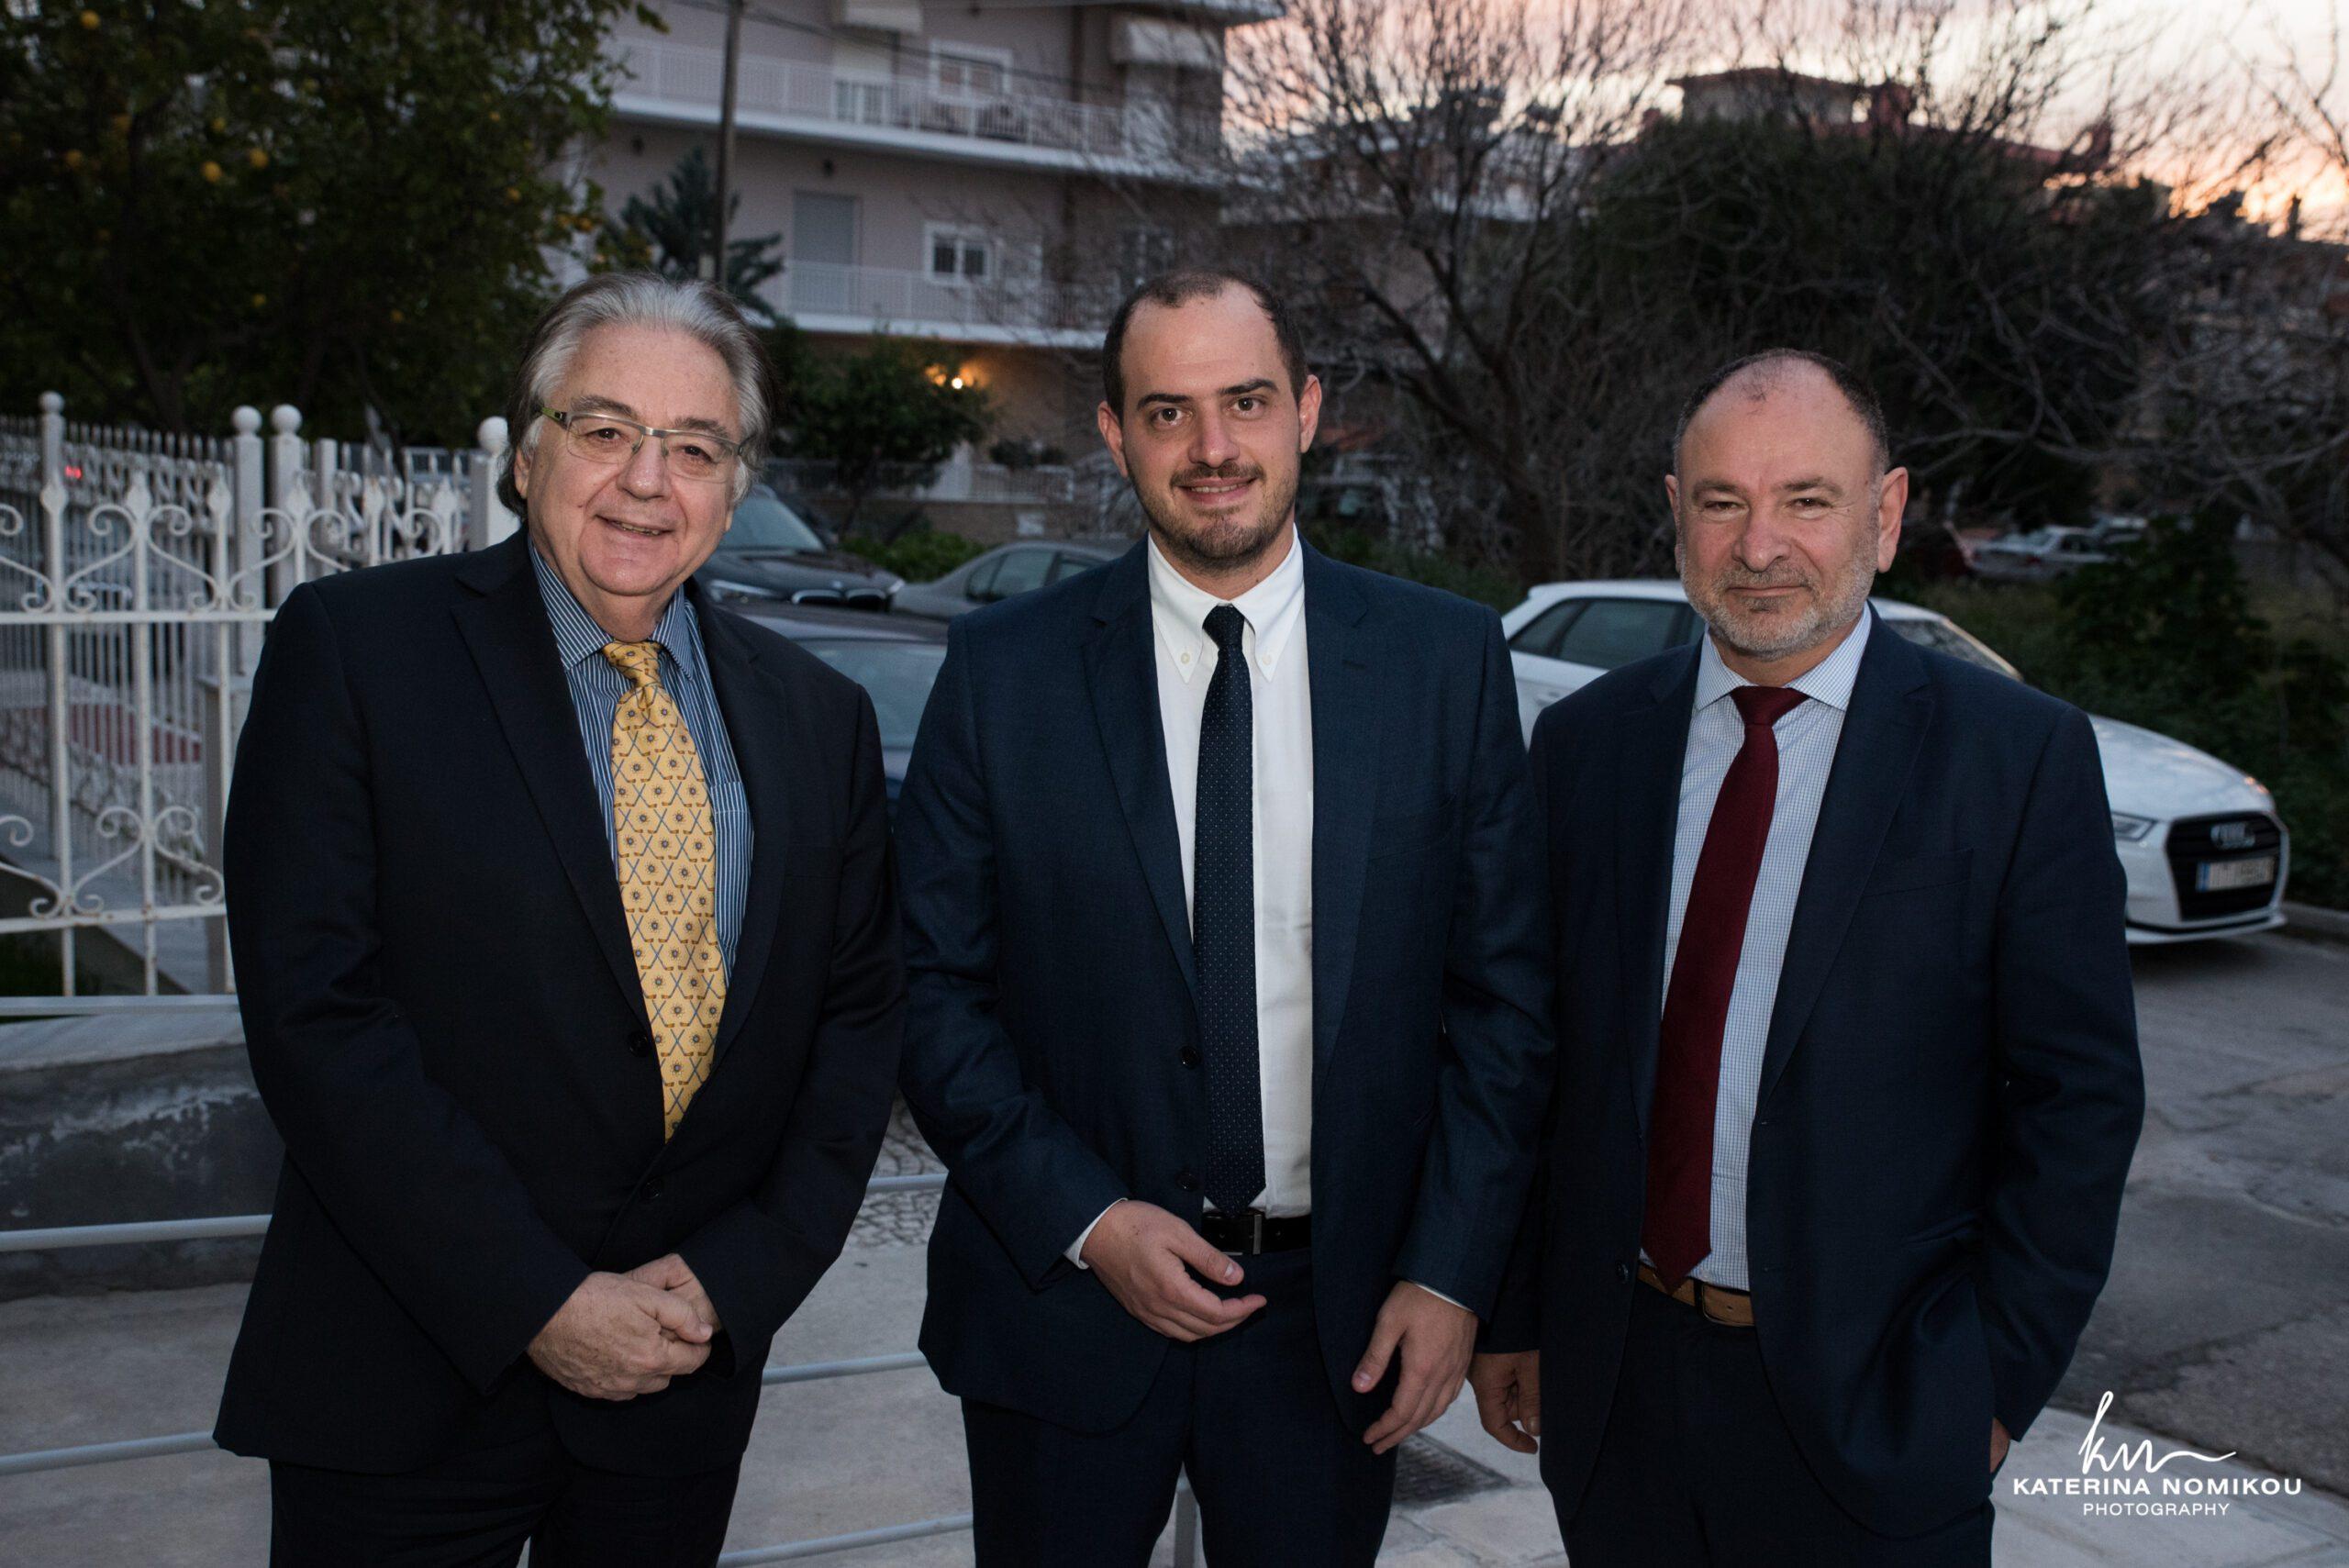 Χαιρετισμός του Διευθύνοντος Συμβούλου στην ειδική εκδήλωση βράβευσης επιχειρηματιών του Συνδέσμου Επιχειρήσεων Δυτικής Αττικής